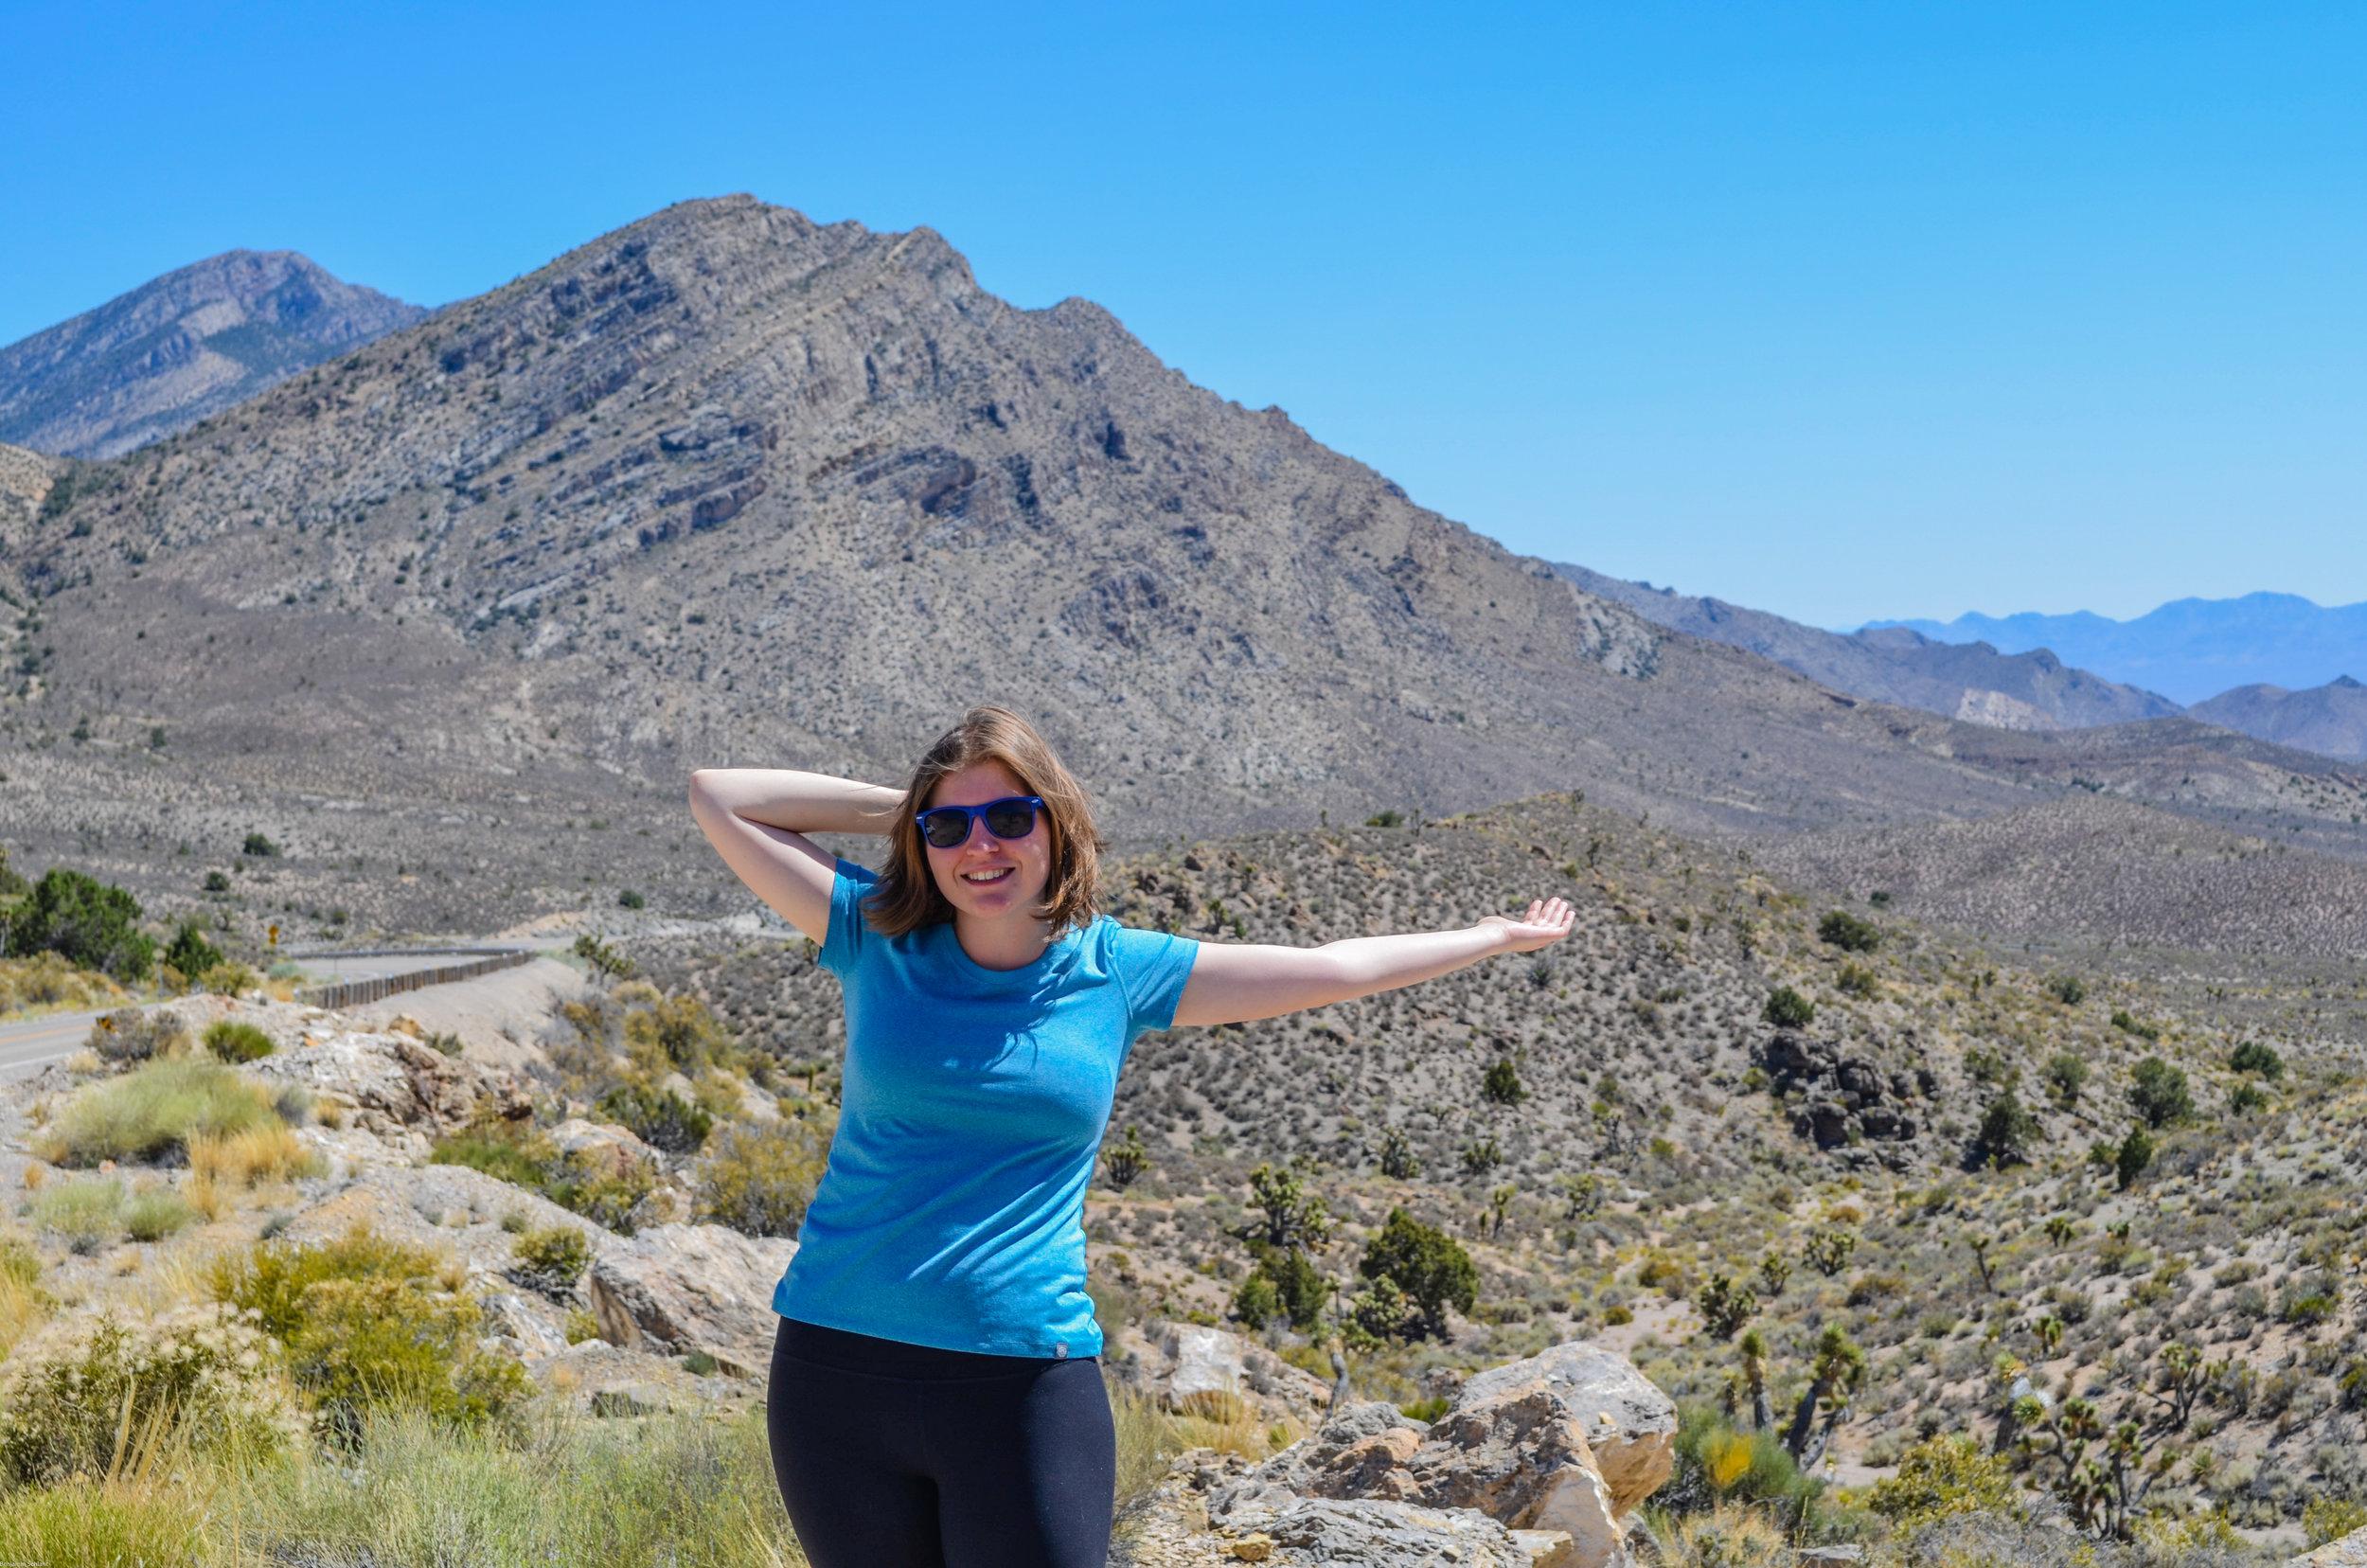 Mrs. Nerd having too much fun in the desert :)